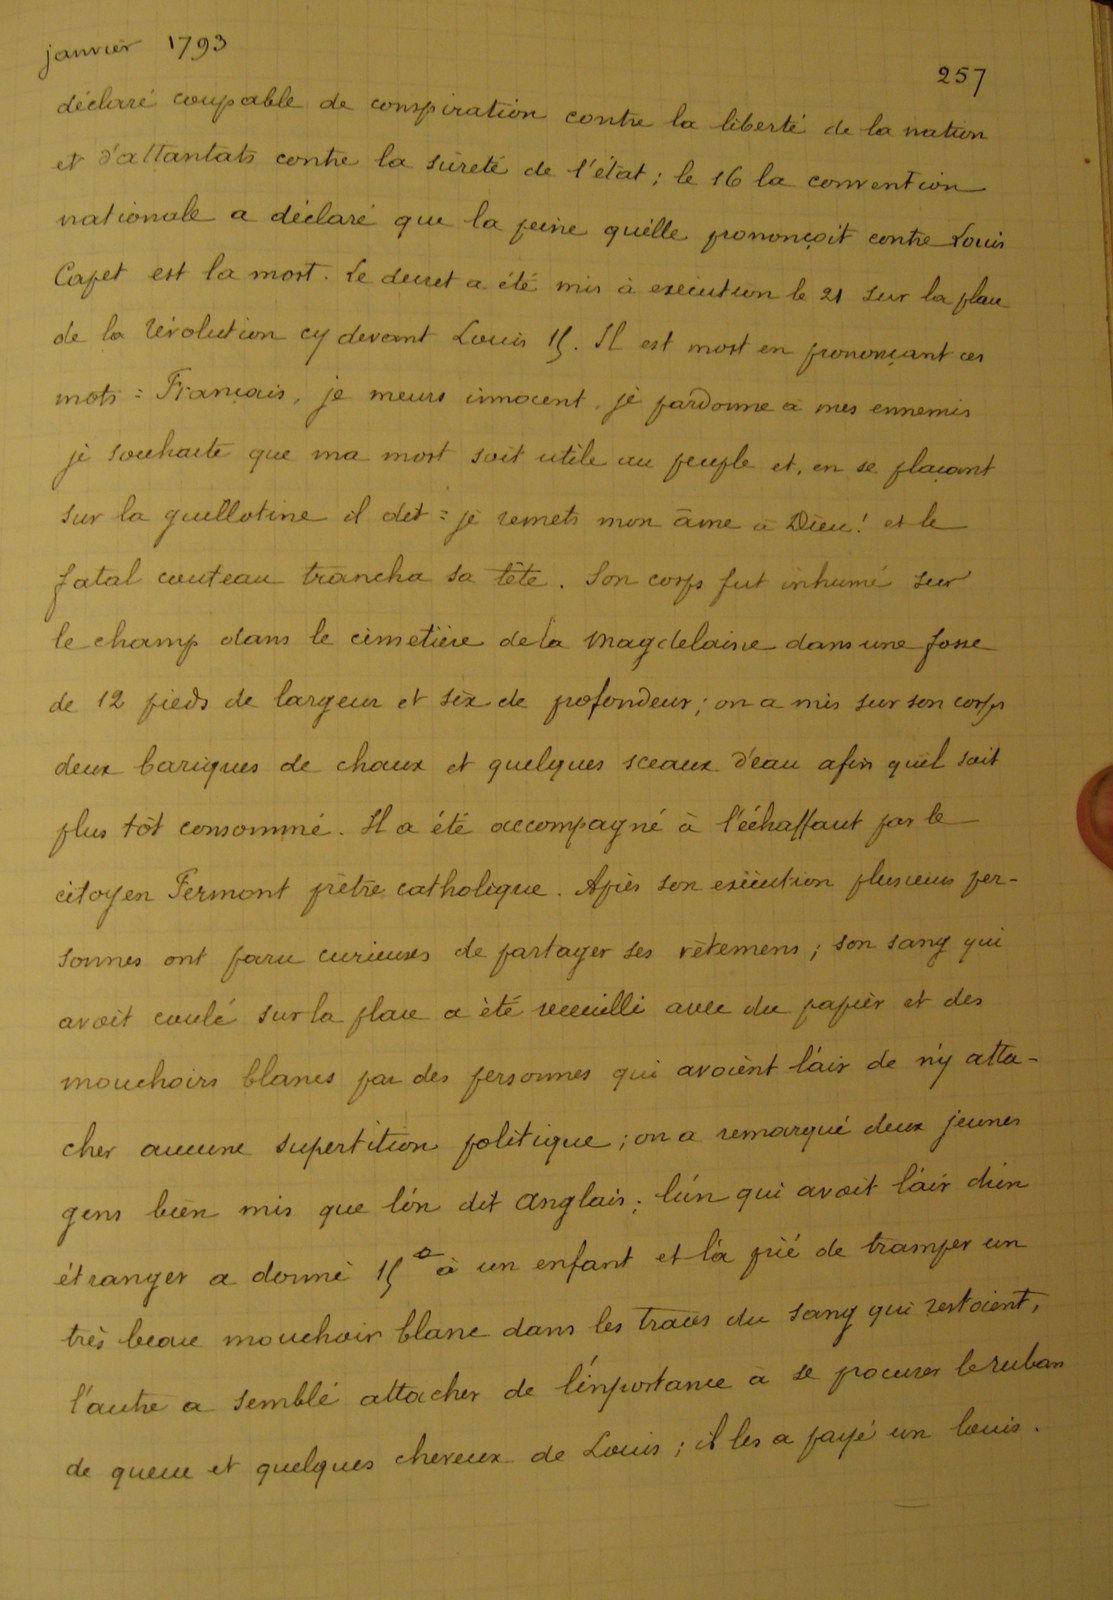 """Pour conclure ce voyage dans notre temps, via la transcription des écrits de """" Marillet """" par Dangibaud, voici.. sa signature, une des feuilles originales de ses écrits, enfin un autre livre qui ne demande qu'à survivre, mais ce n'est pas gagné."""